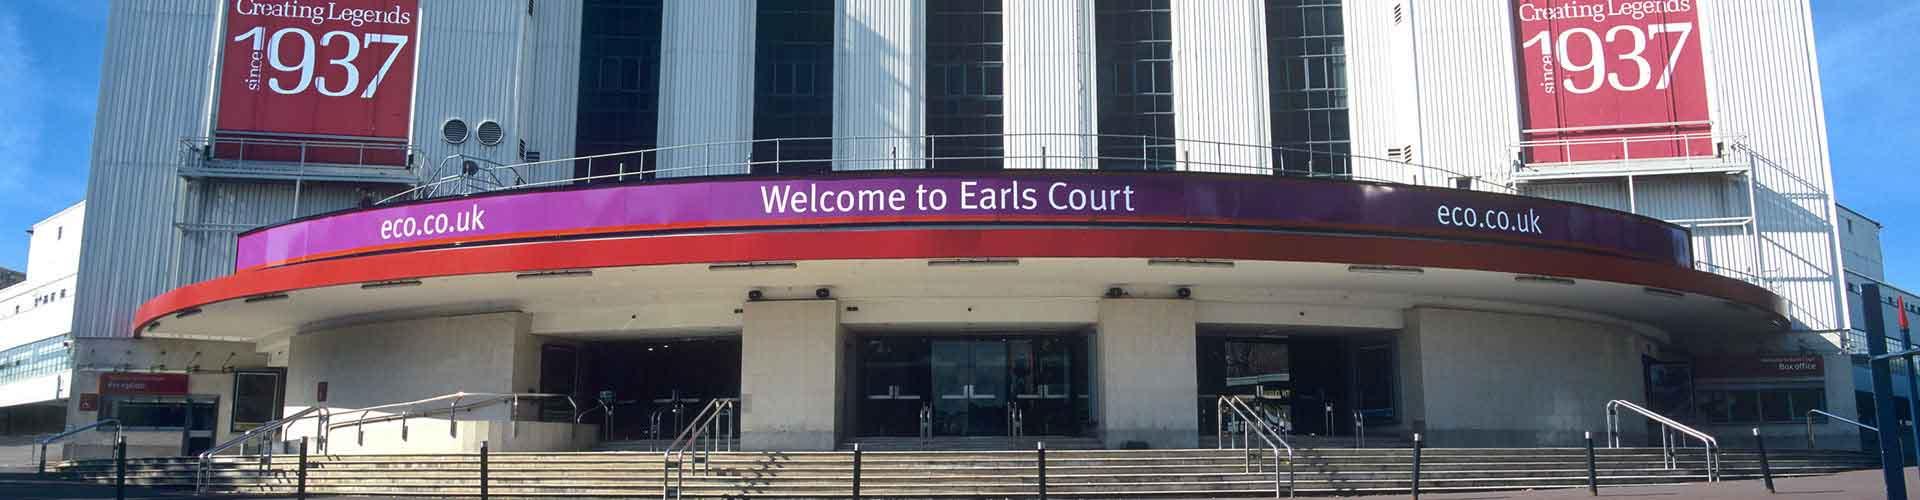 런던 - Earls Court지역에 위치한 아파트. 런던의 지도, 런던에 위치한 아파트에 대한 사진 및 리뷰.